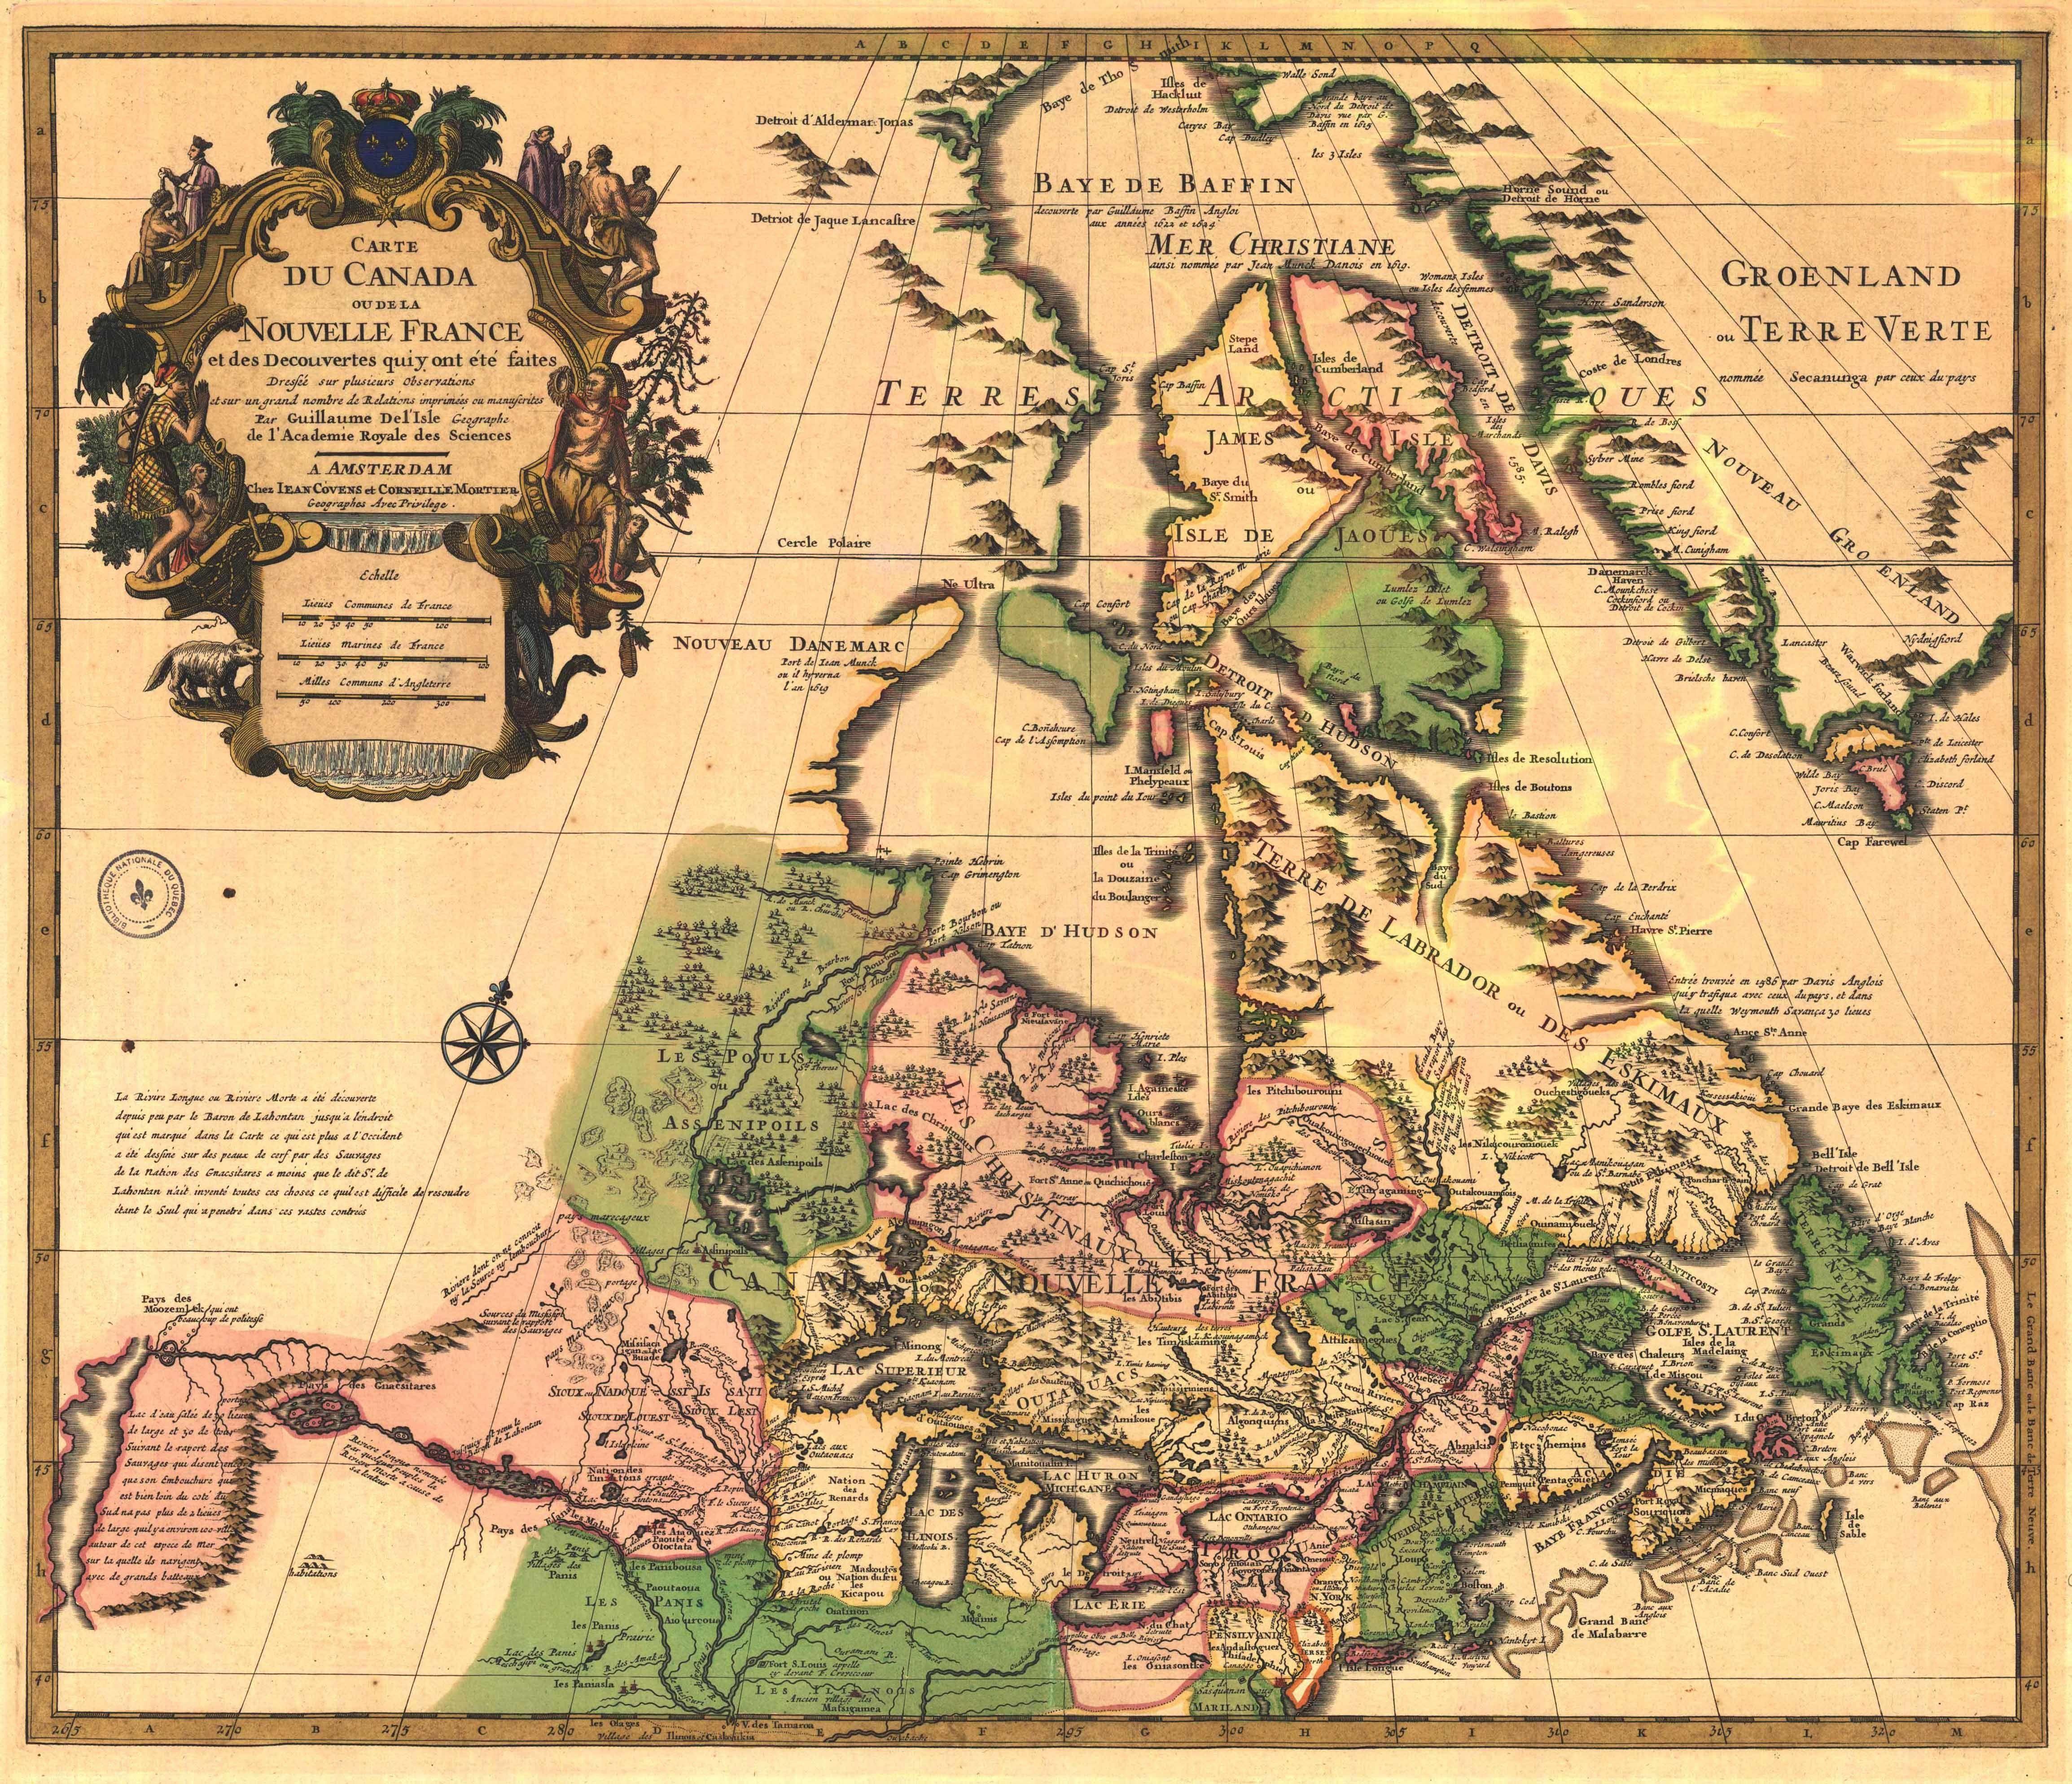 1730 Canada de l'Isle = Carte du Canada ou de la Nouvelle